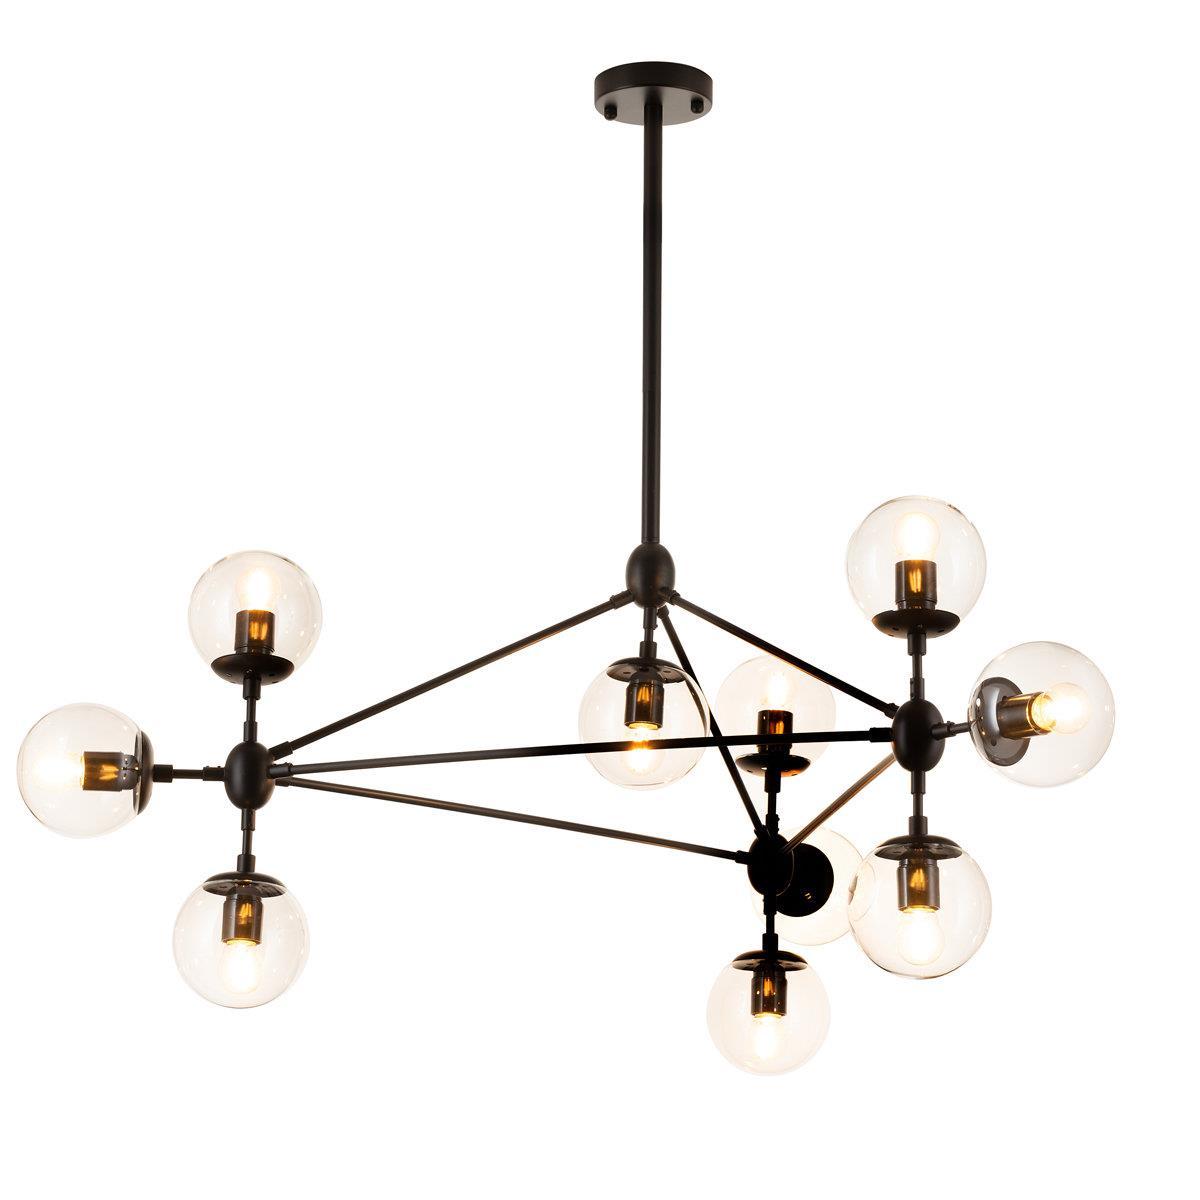 Lampa wisząca ASTRIFERO 10 bursztynowo czarna 91 cm